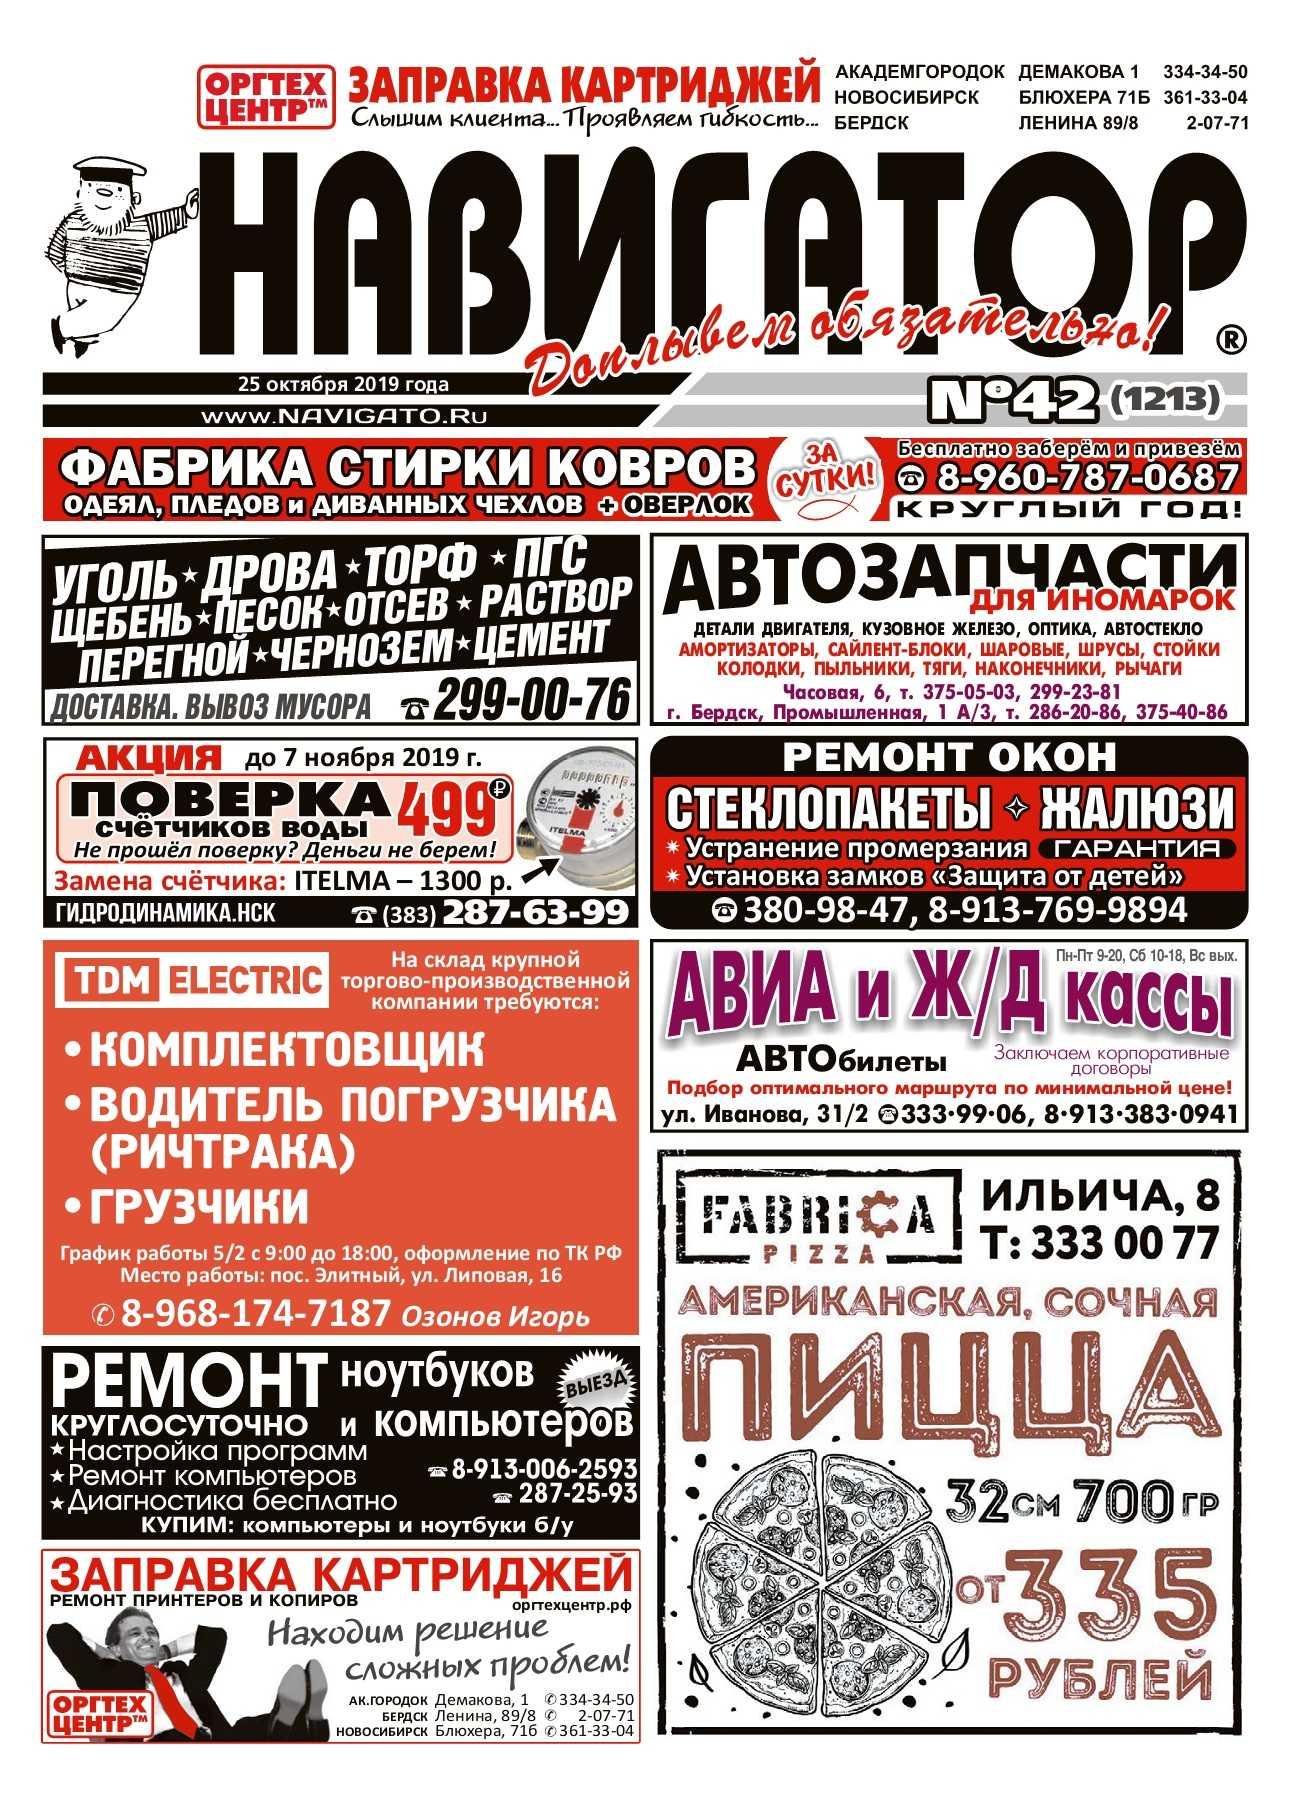 Lotteri mega millioner - regler, chancer for at vinde, resultater + instruktion hvordan man spiller fra Rusland | udenlandske lotterier